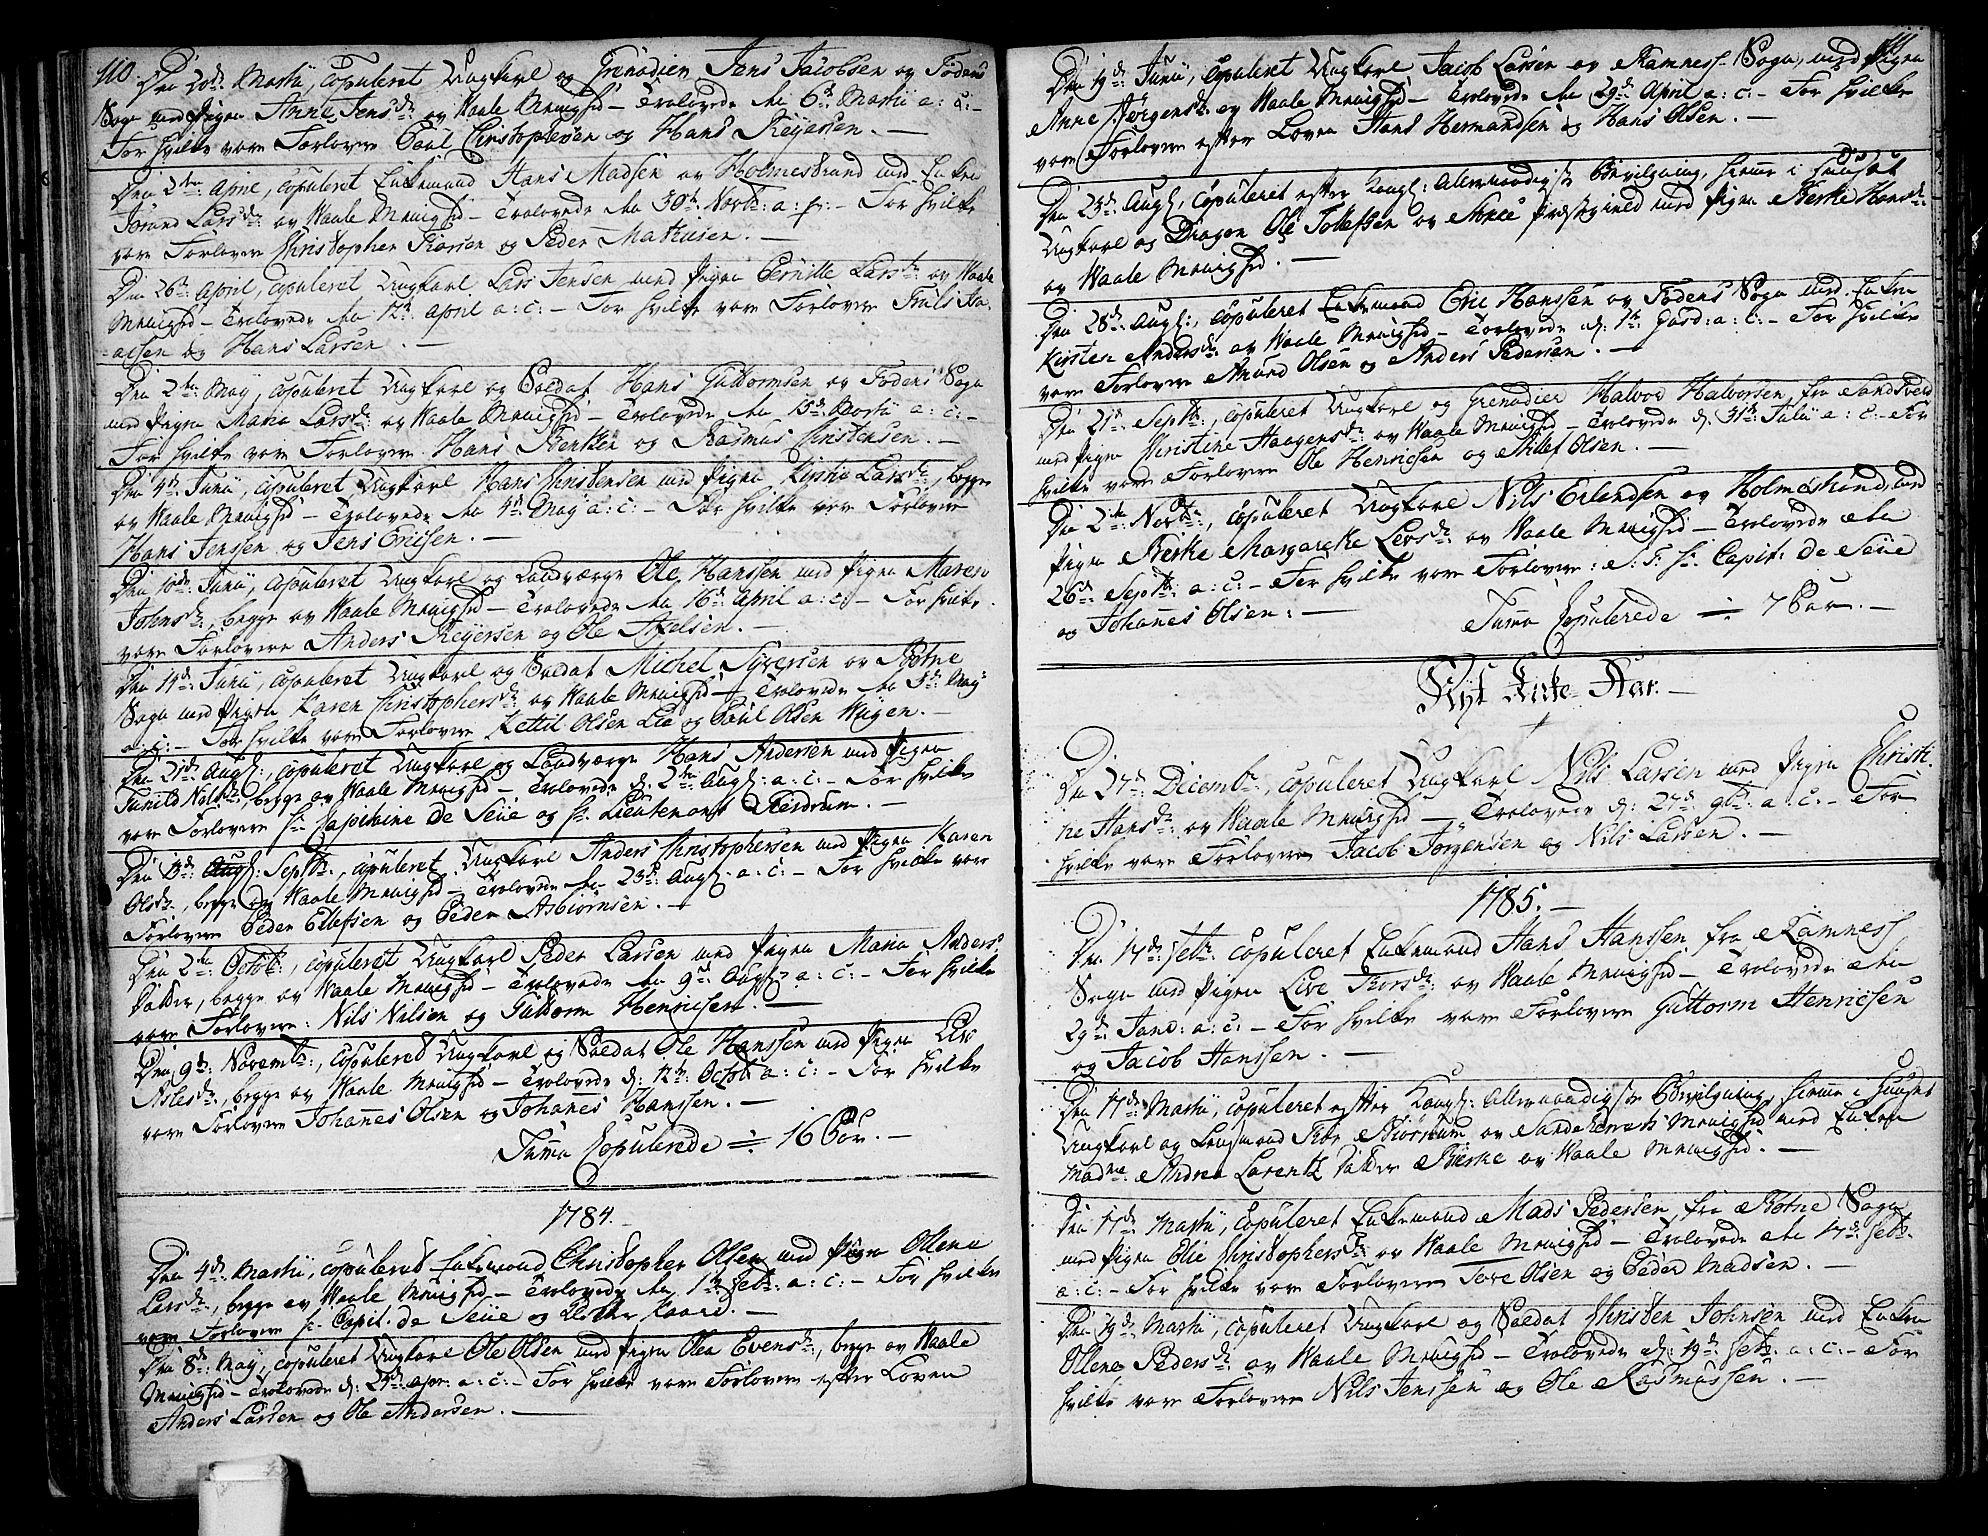 SAKO, Våle kirkebøker, F/Fa/L0005: Ministerialbok nr. I 5, 1773-1808, s. 110-111